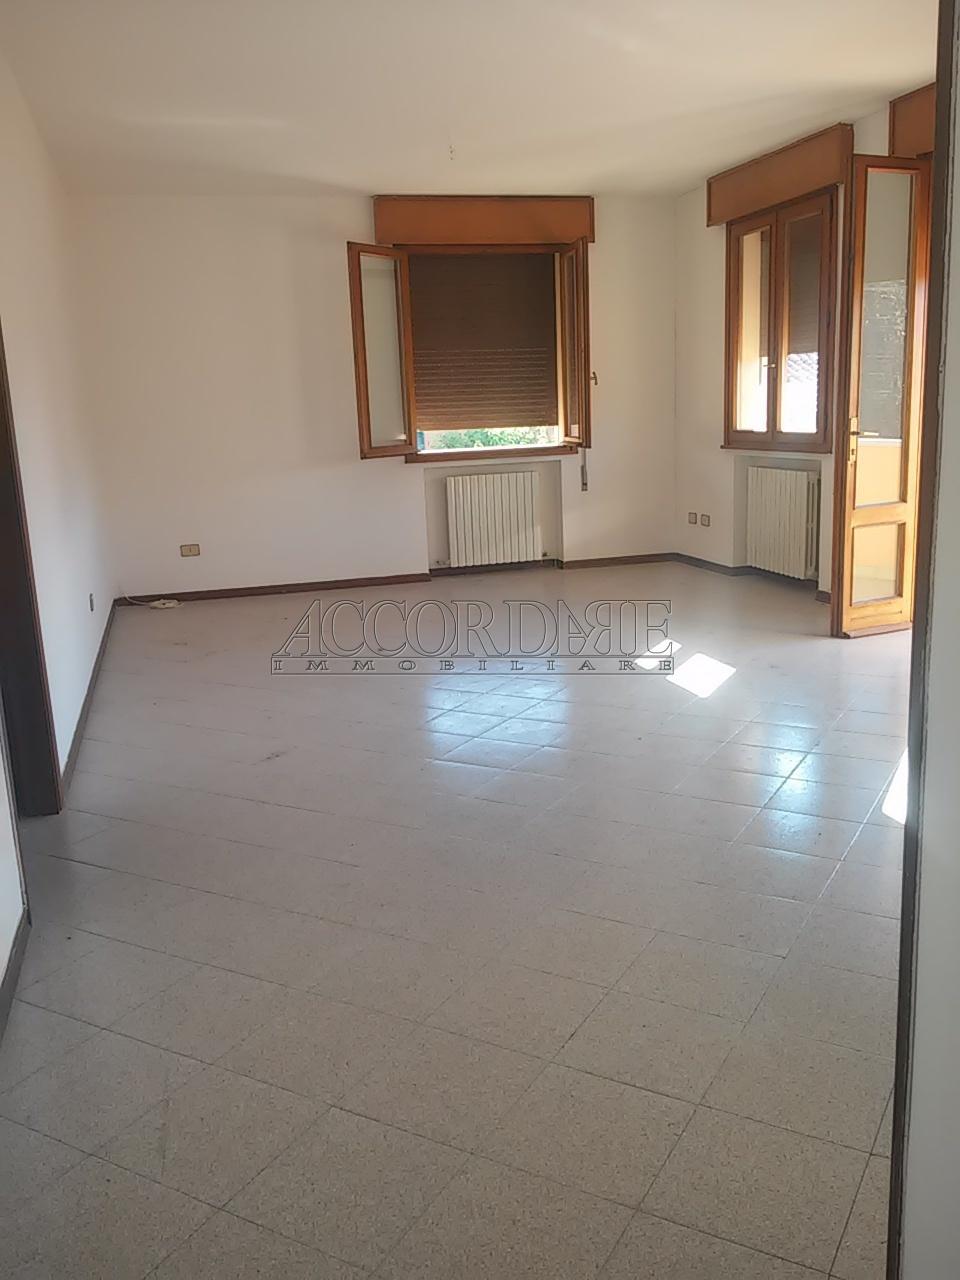 Appartamento in vendita a Casalserugo, 5 locali, prezzo € 105.000   Cambio Casa.it